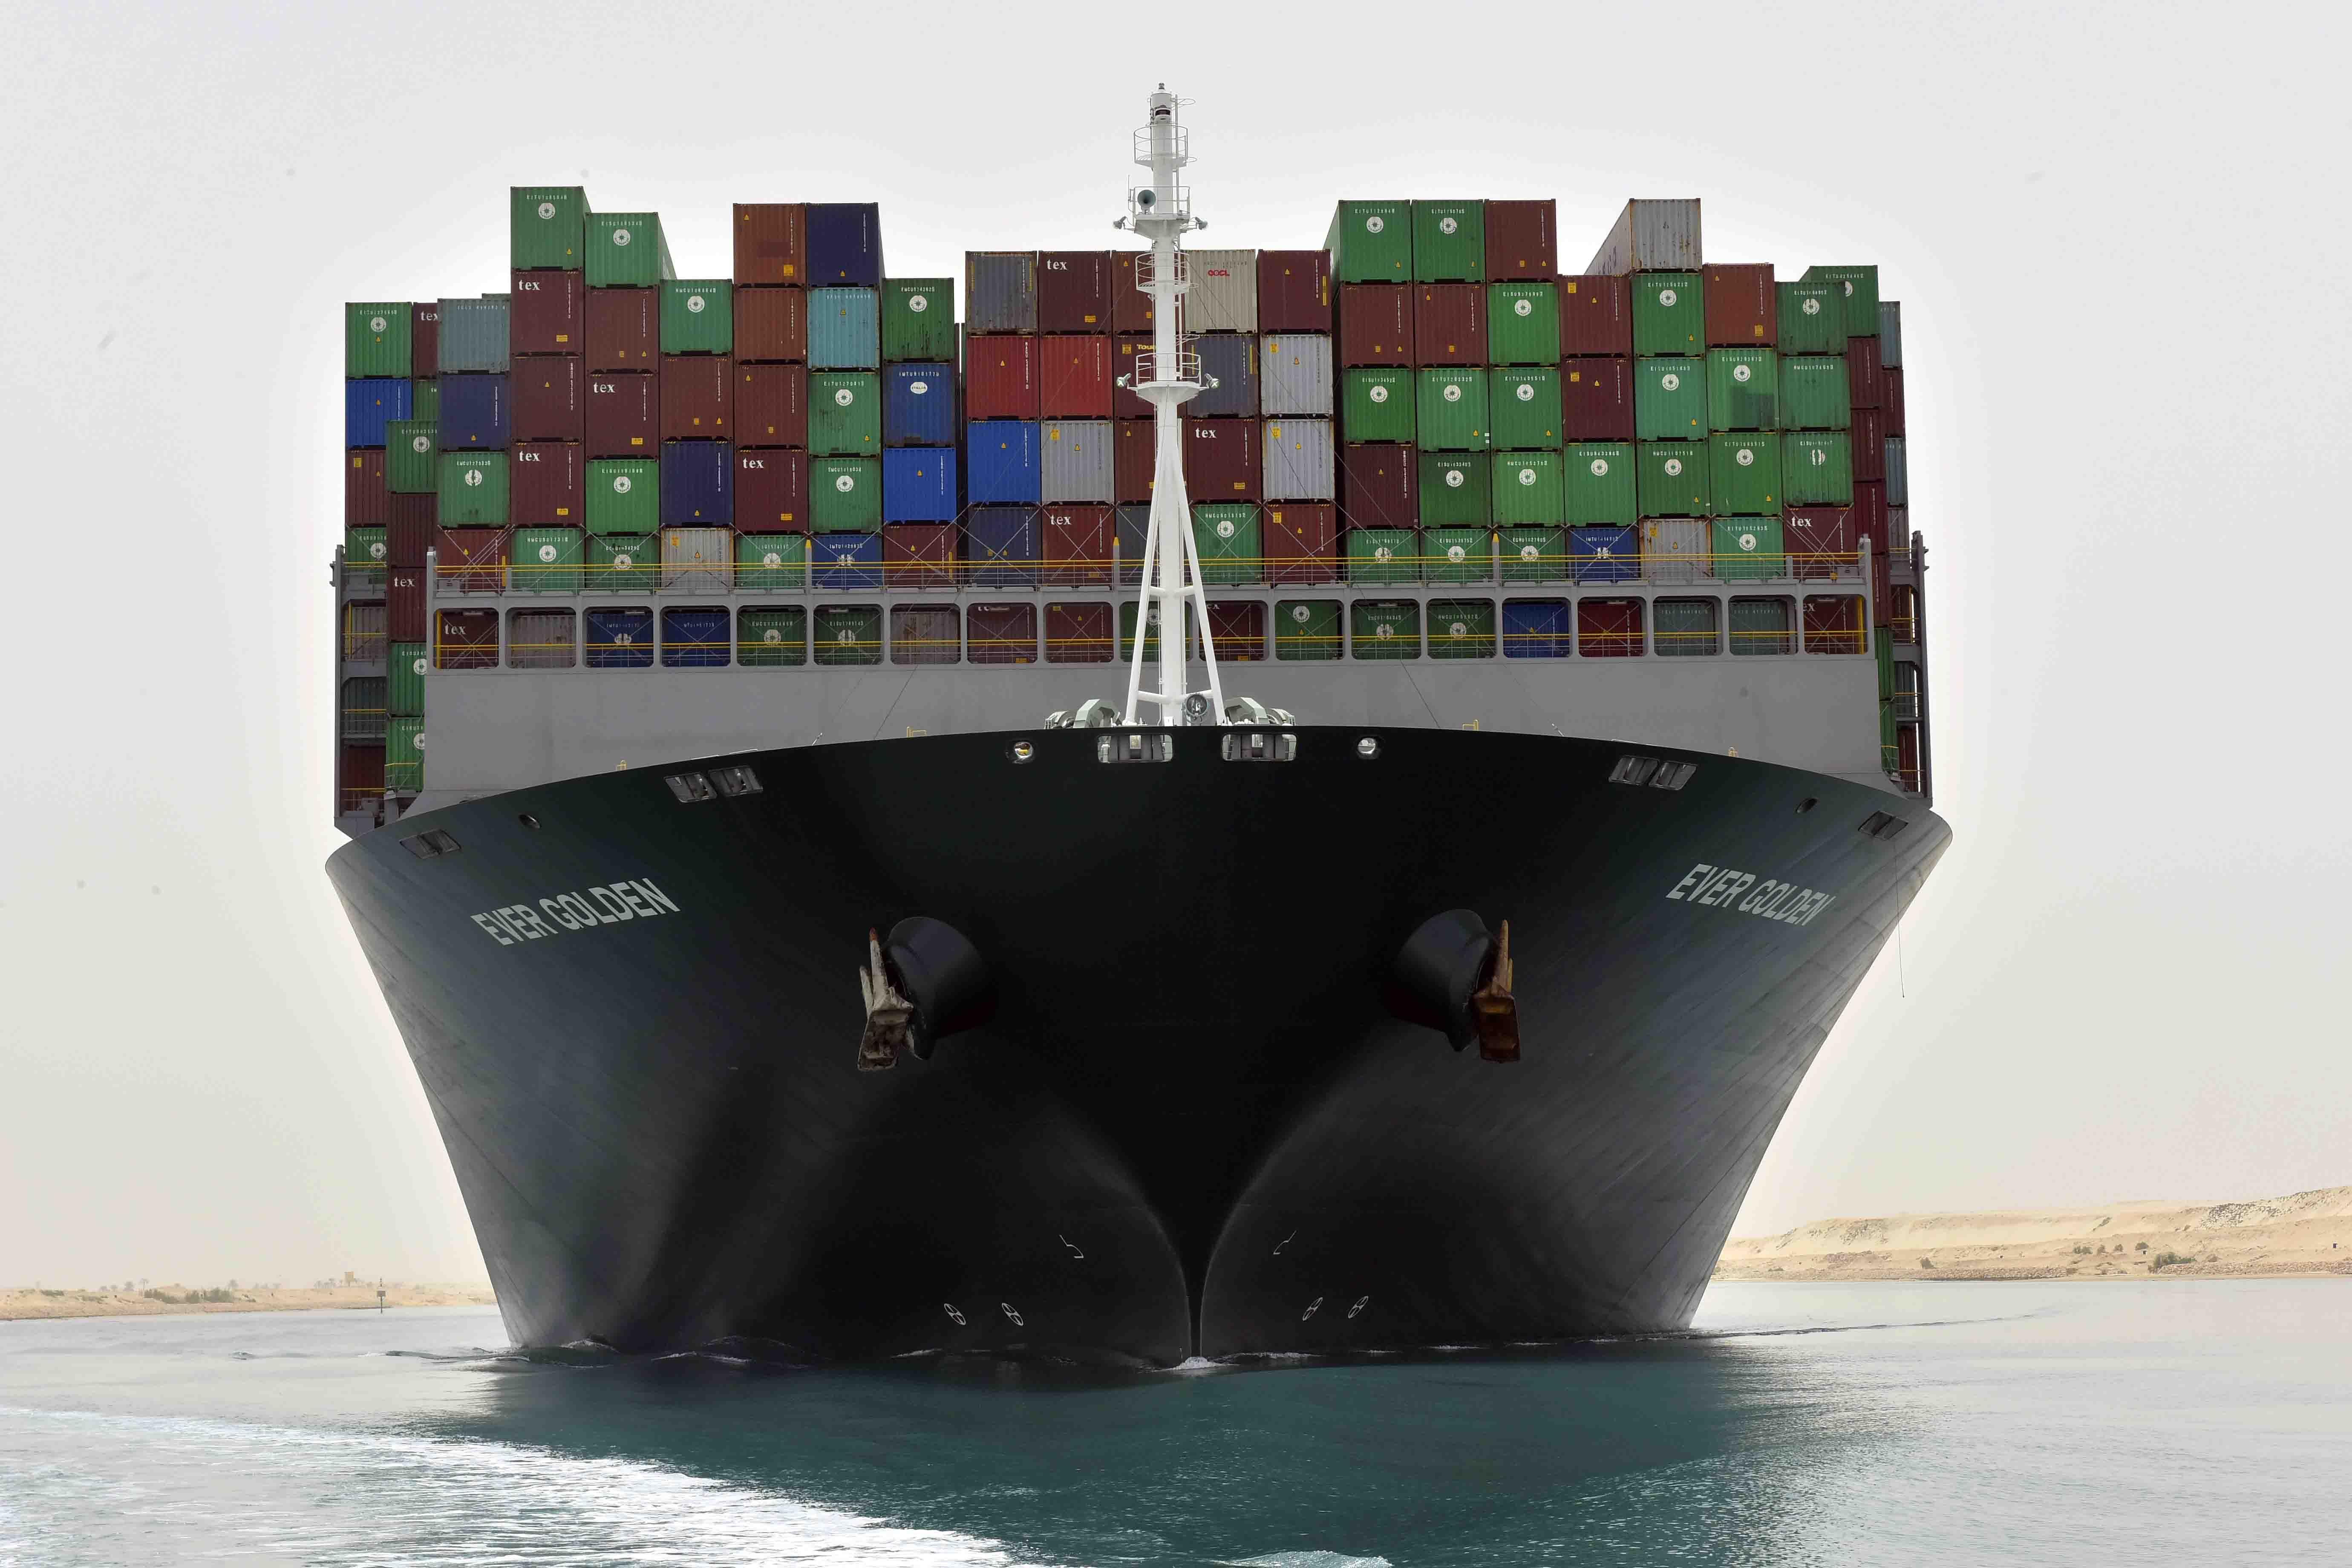 السفينة تعبر2-  القناة من السويس متجهه إلى بورسعيد 2